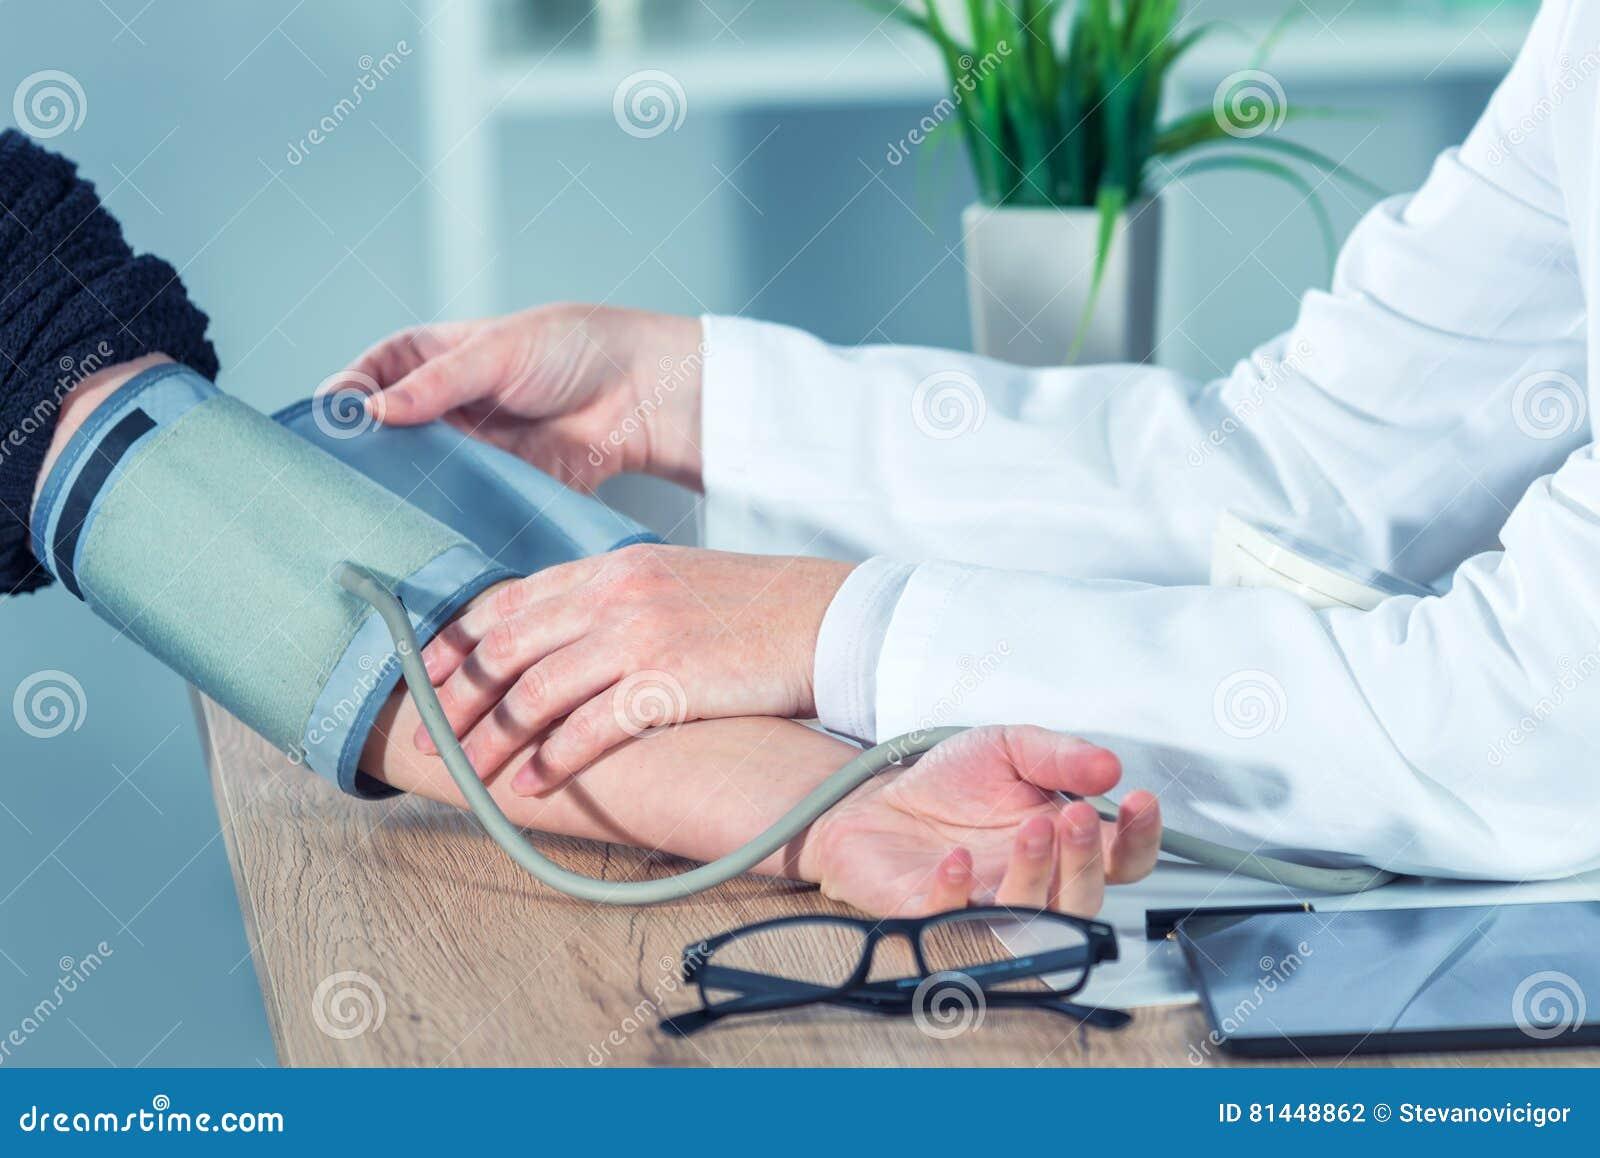 Behandeln Sie messenden Blutdruck des Kardiologen des weiblichen Patienten